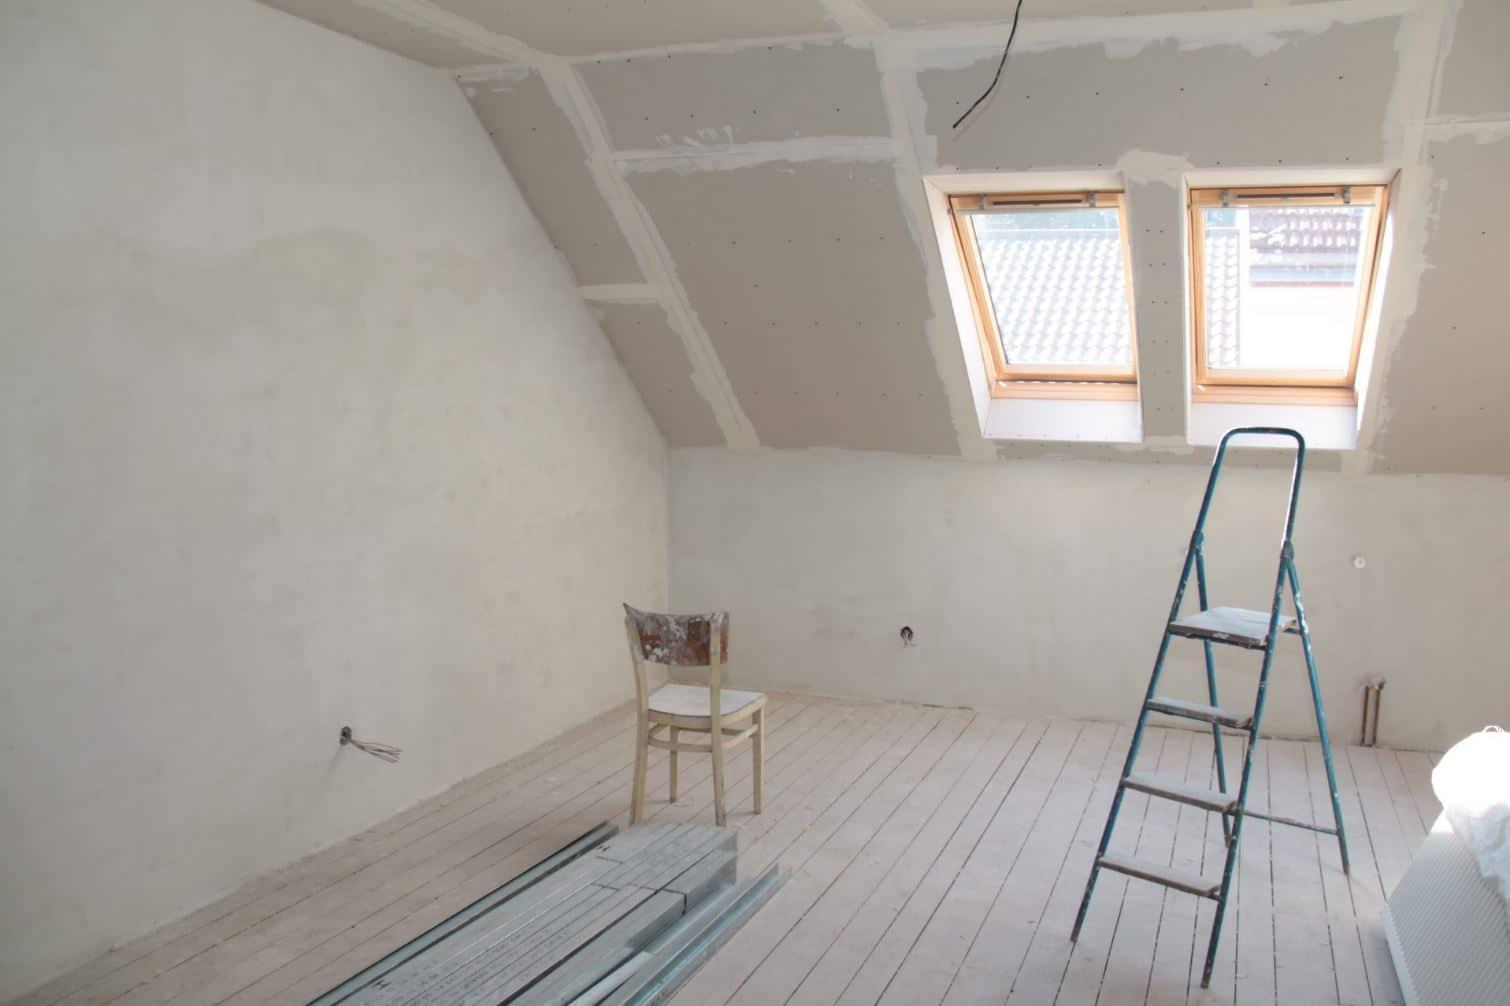 installer une vmc dans une maison excellent les avantages duune vmc double flux with installer. Black Bedroom Furniture Sets. Home Design Ideas